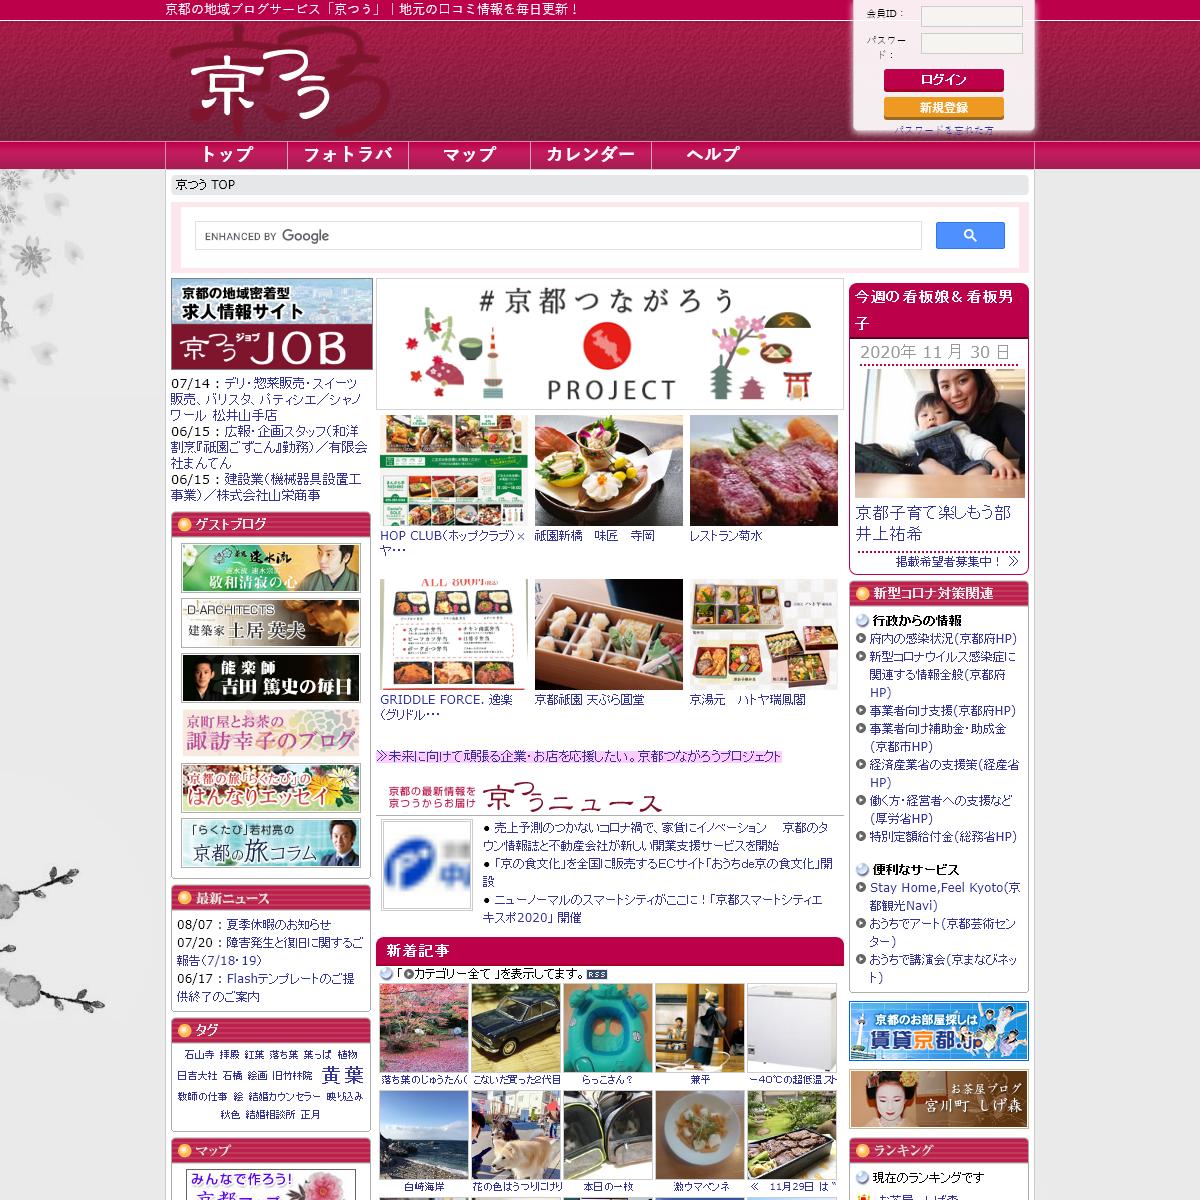 「 京つう 」はみんなで作る京都ブログマガジンです